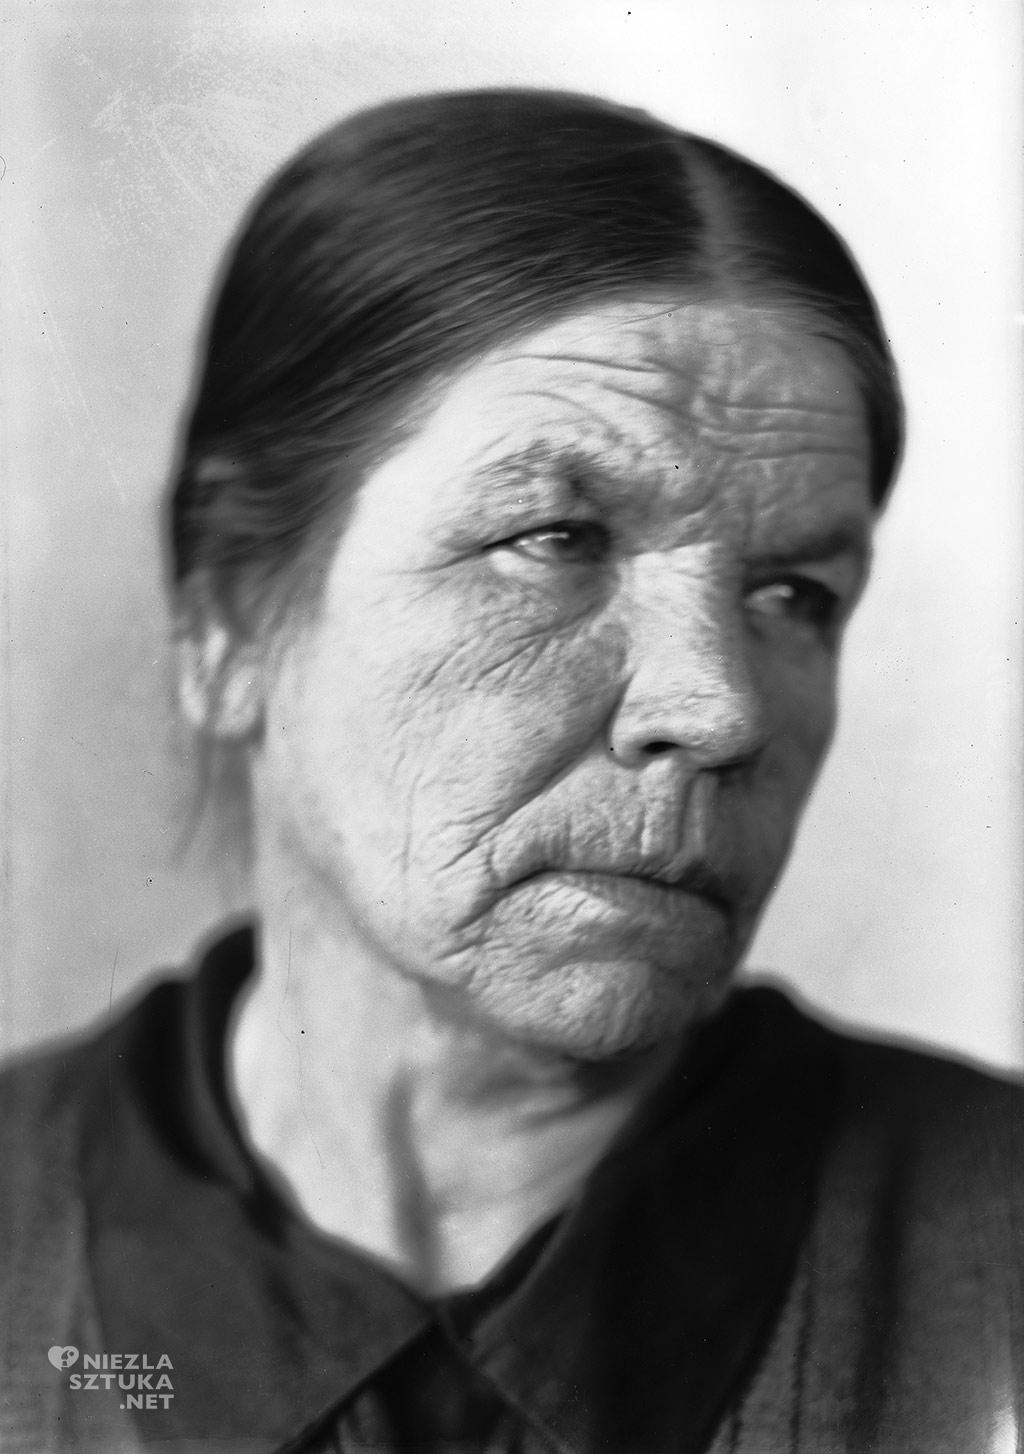 Teodora Teofila Pytko, żona Wyspiańskiego, Niezła sztuka